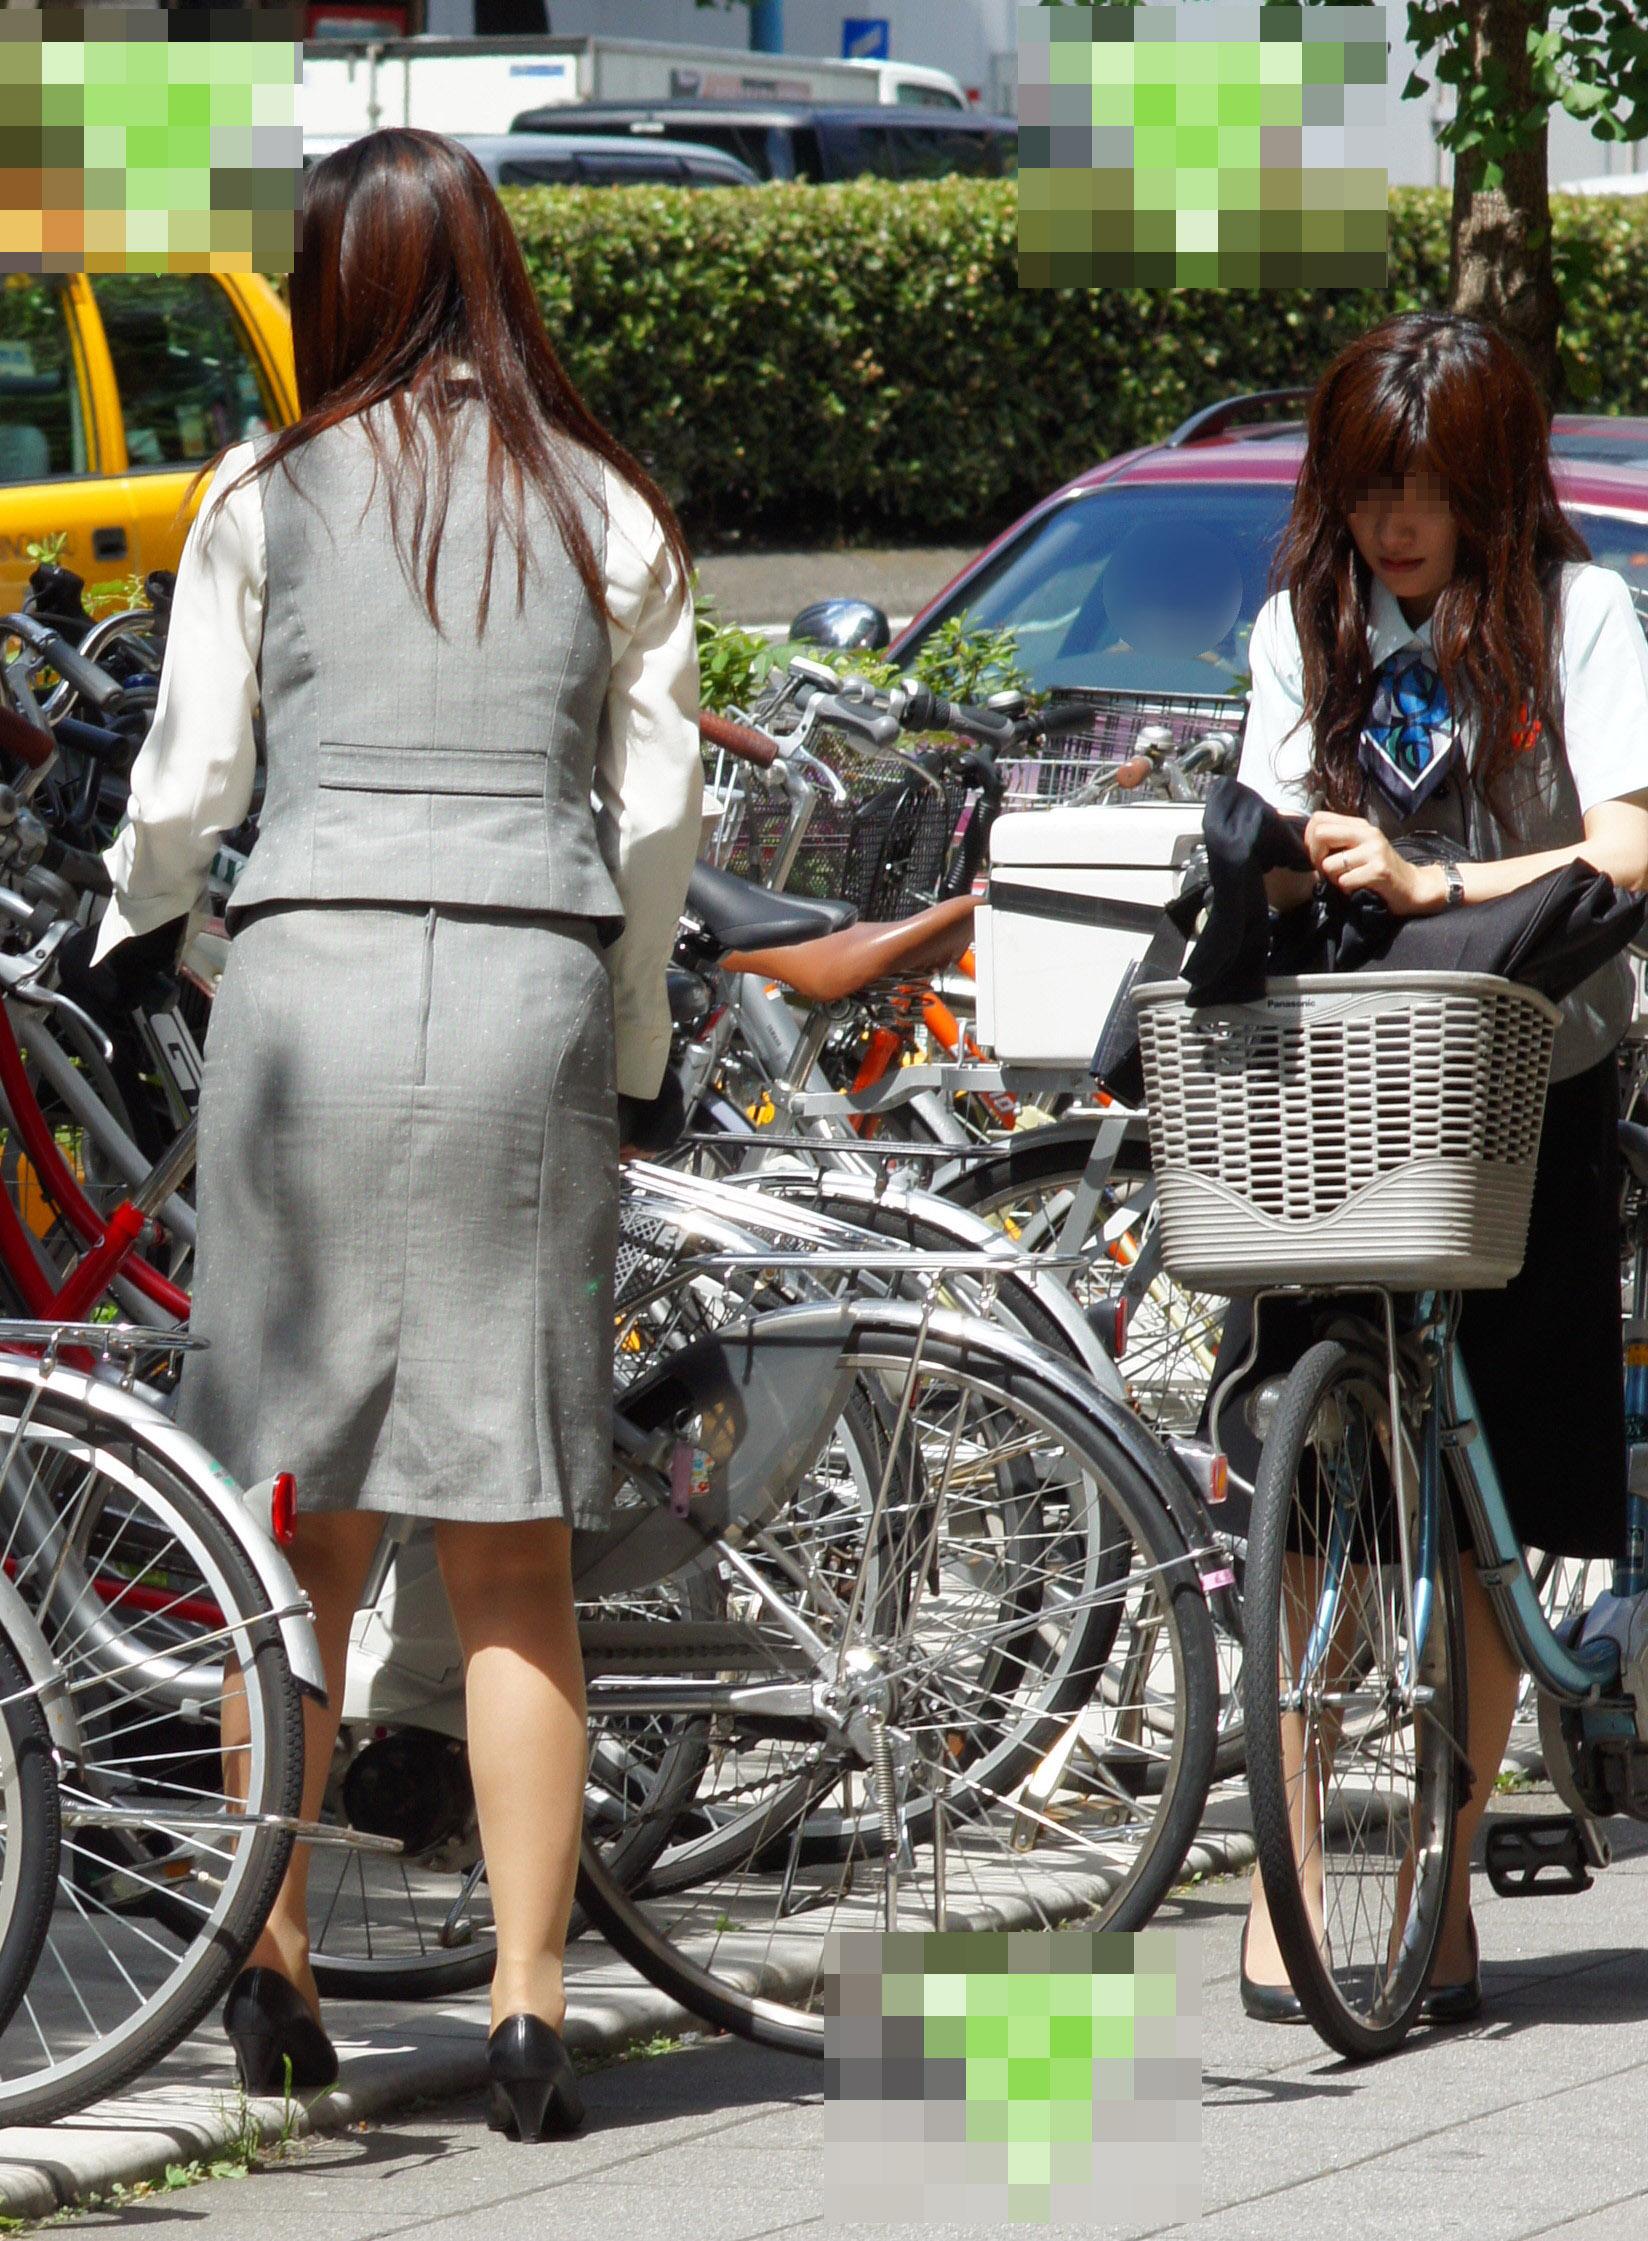 自転車リクスーOLの三角パンチラと太もも盗撮画像11枚目